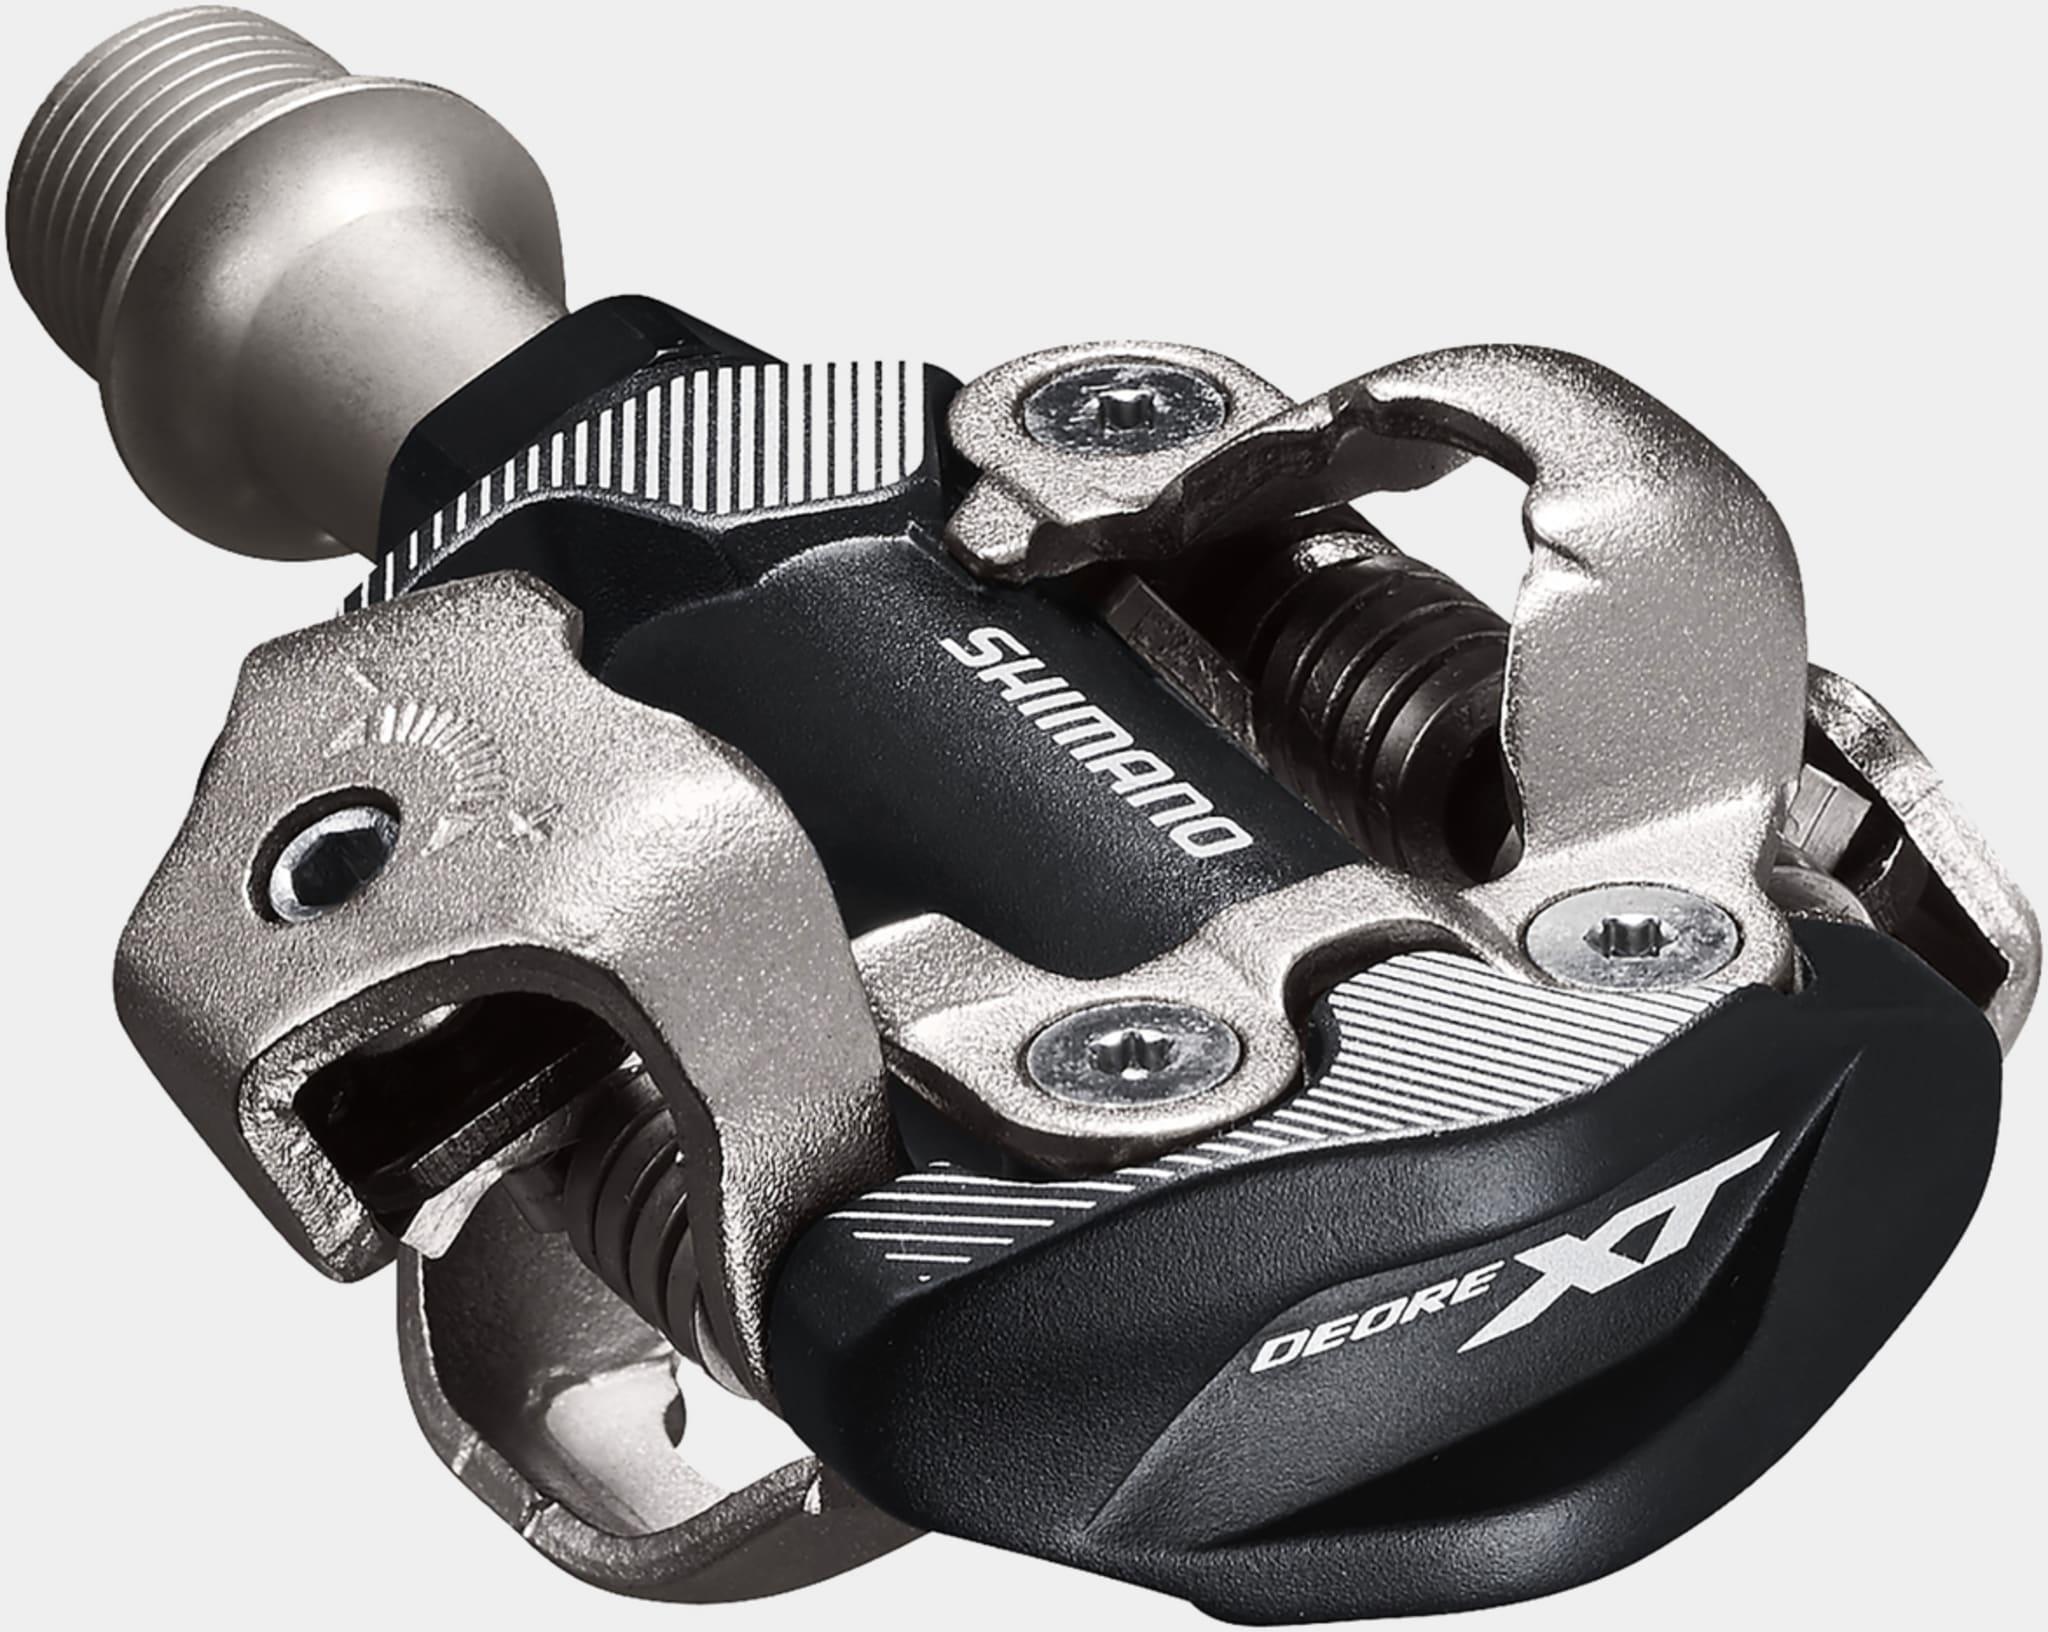 SPD-pedaler for terrengsykler, for trening og konkurranse